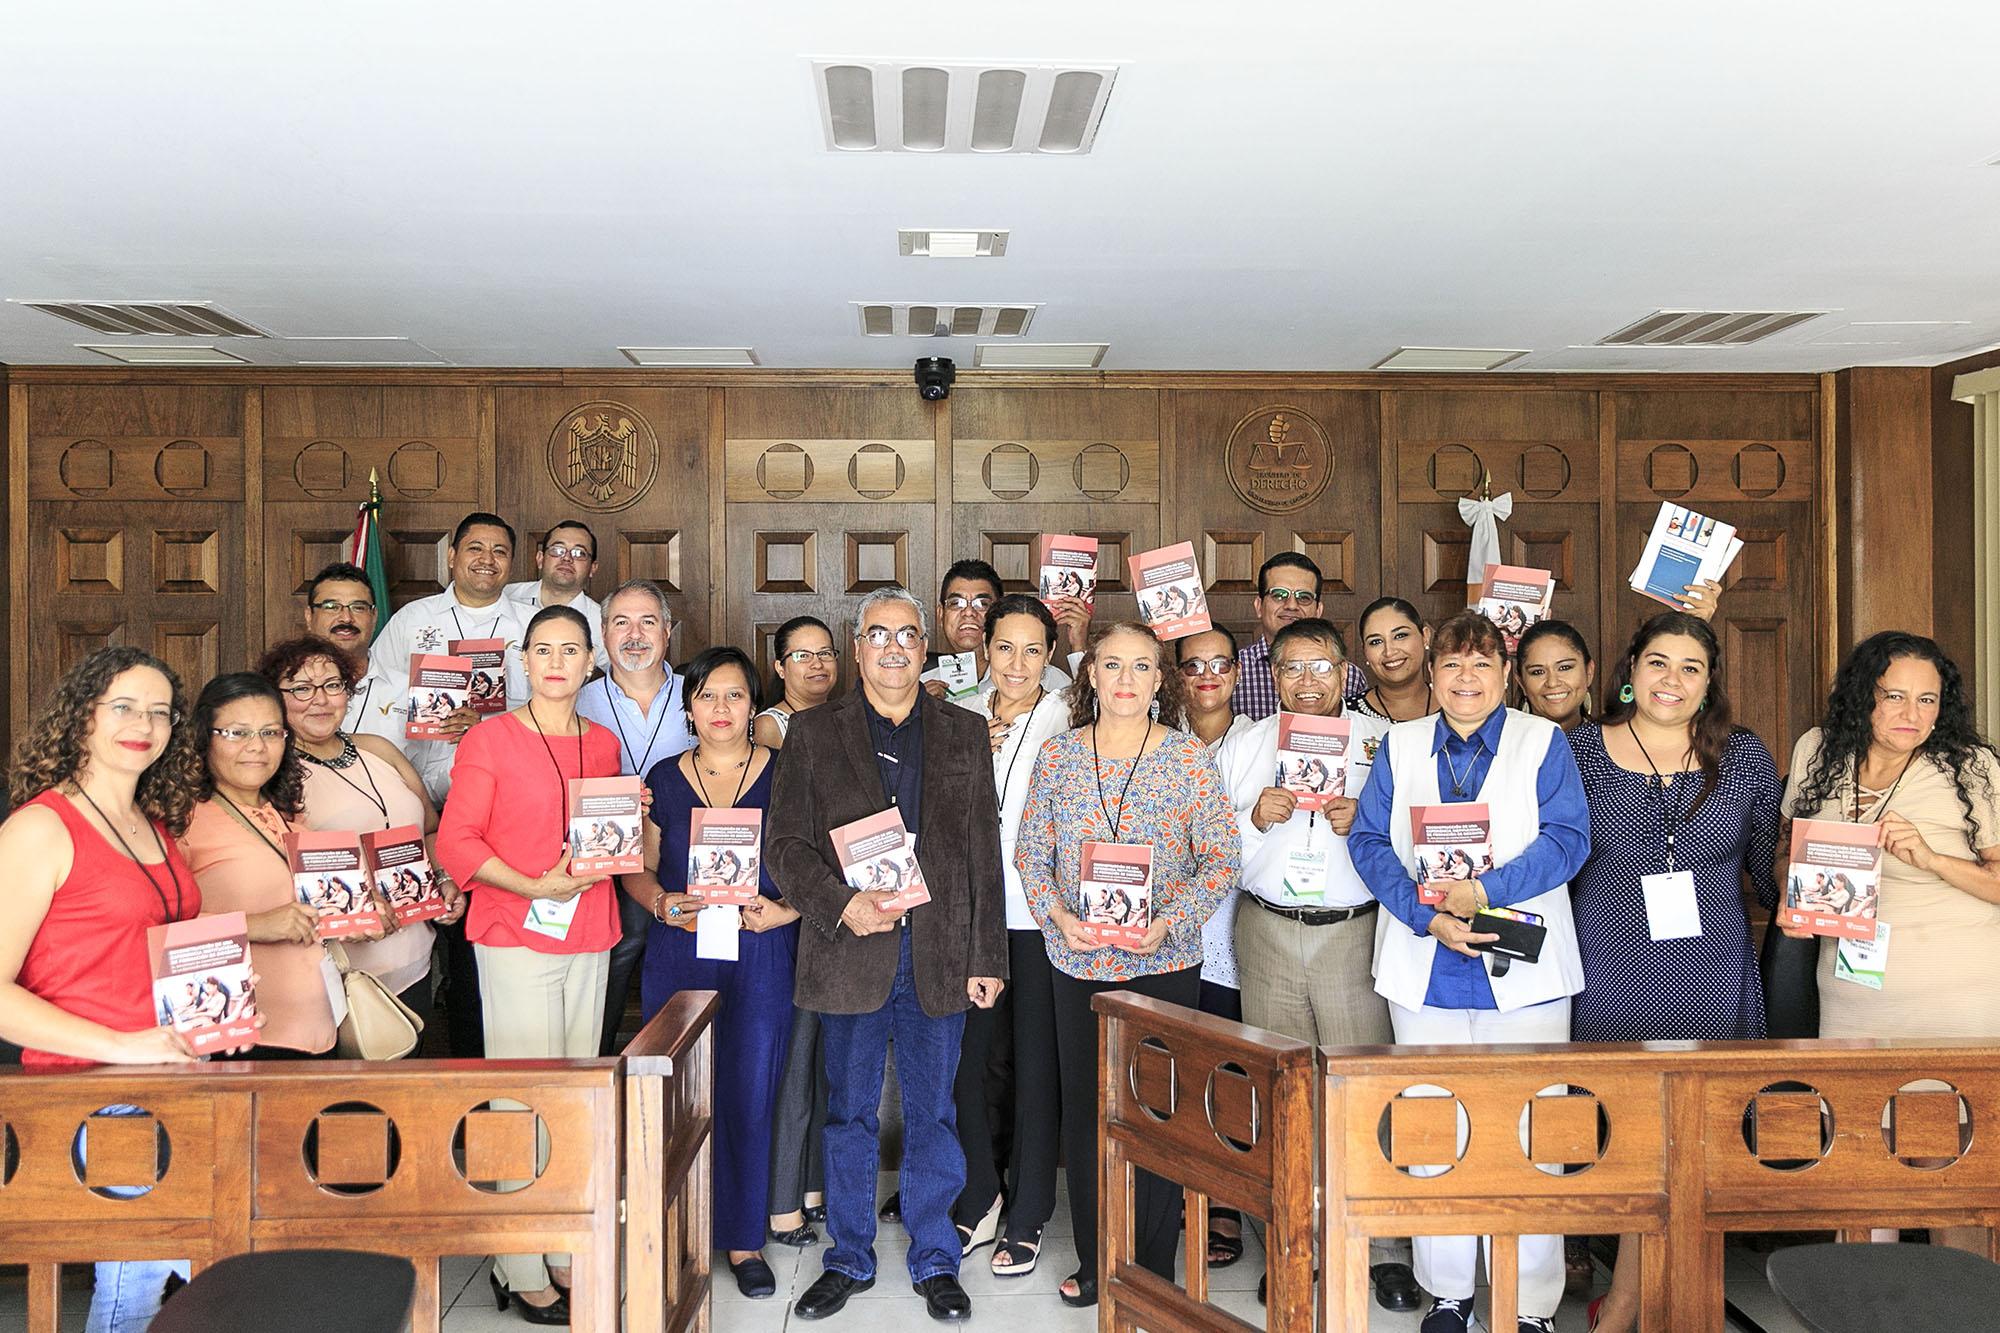 Profesores del SEMS mostrando el libro  titulado Reconstrucción de una experiencia institucional de formación de docentes en el diplomado en competencias docentes de la educación media superior